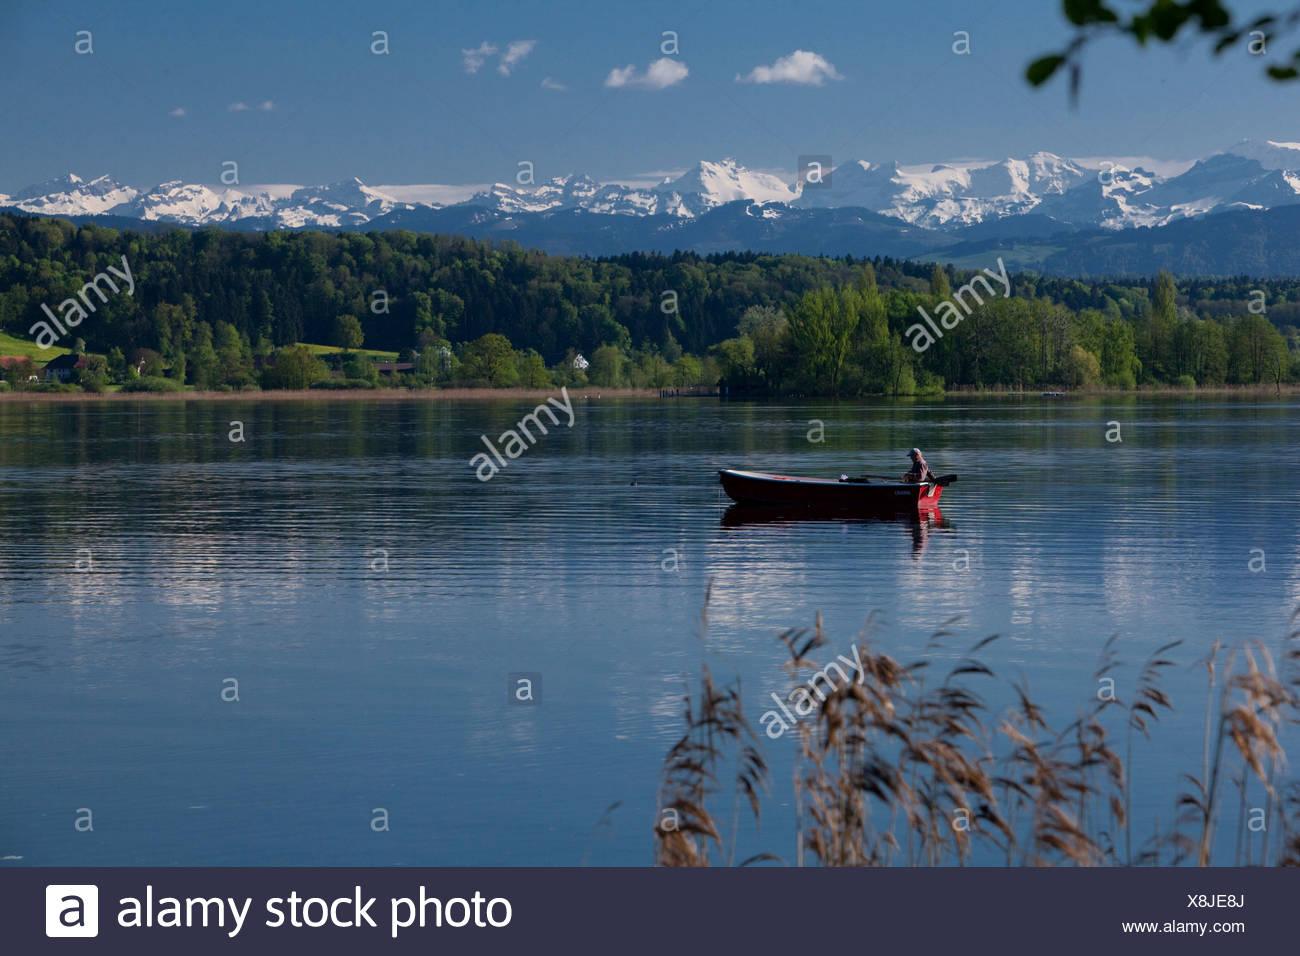 Schweiz, Europa, See, Schiff, Boot, Schiffe, Boote, Alpen, Kanton ZH, Zürich, Frühling, Greifensee, Greifensee, Boot Stockbild